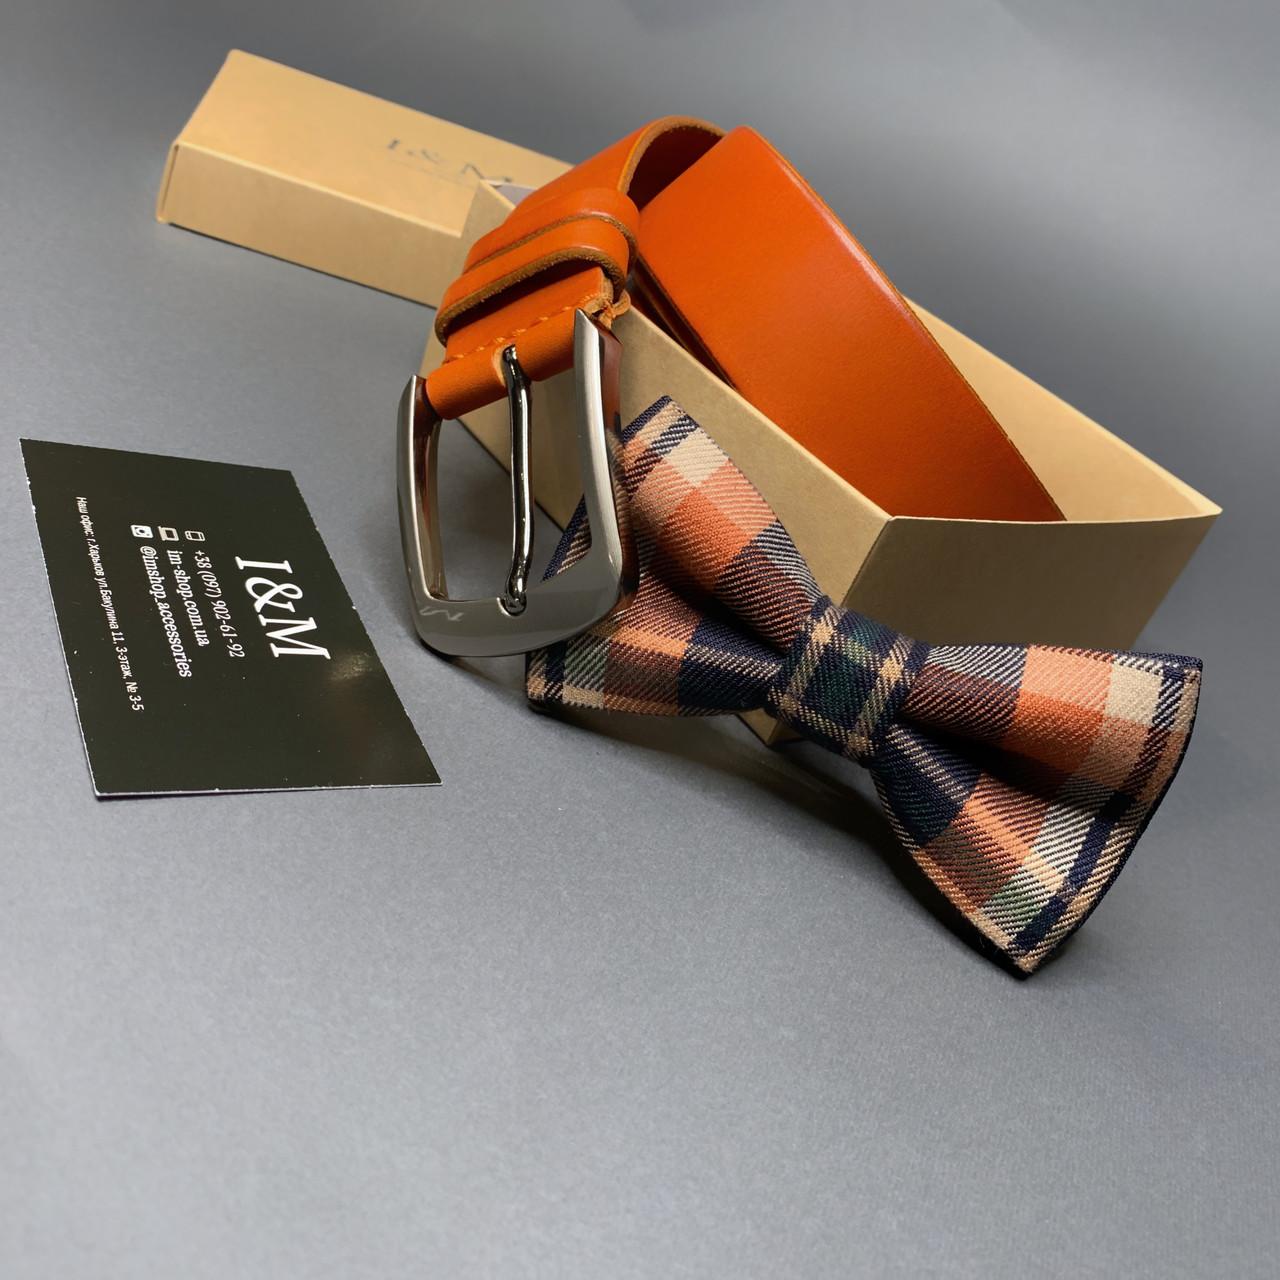 Подарочный набор I&M Craft бабочка и ремень на выбор (120109)